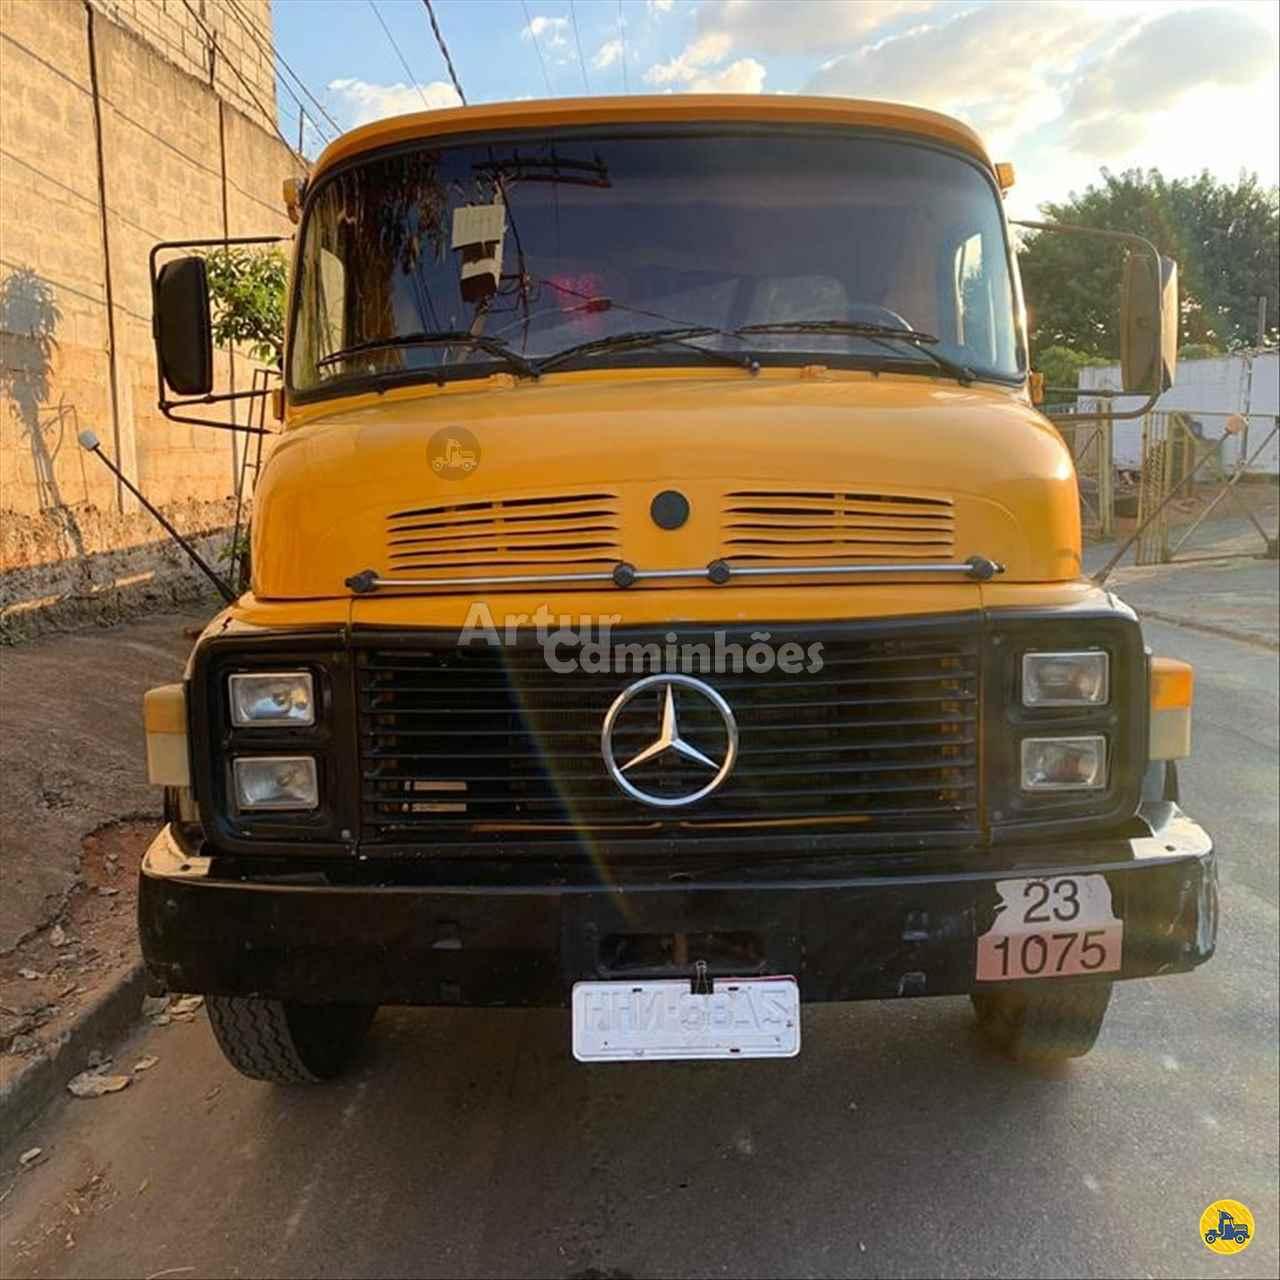 CAMINHAO MERCEDES-BENZ MB 1113 Carga Seca Truck 6x2 Artur Caminhões DIVINOPOLIS MINAS GERAIS MG